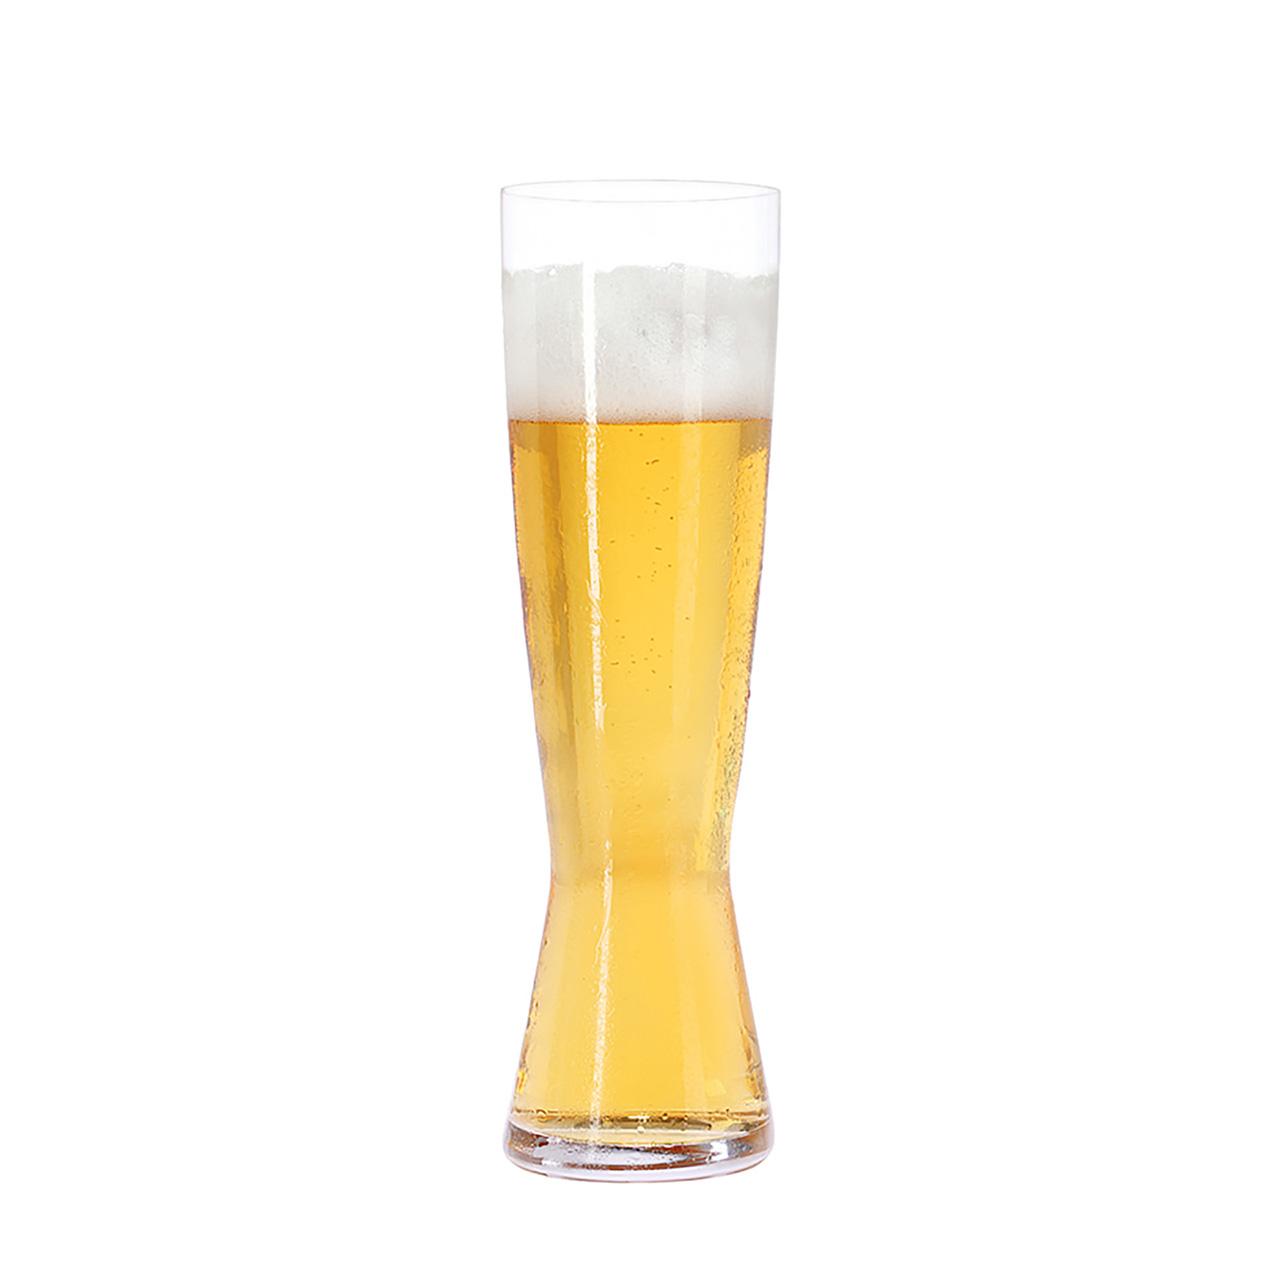 12_4991970_2_white 【クラフトビール好き必見】よなよなエールご担当者に聞く、アウトドア料理に合うビール7選!